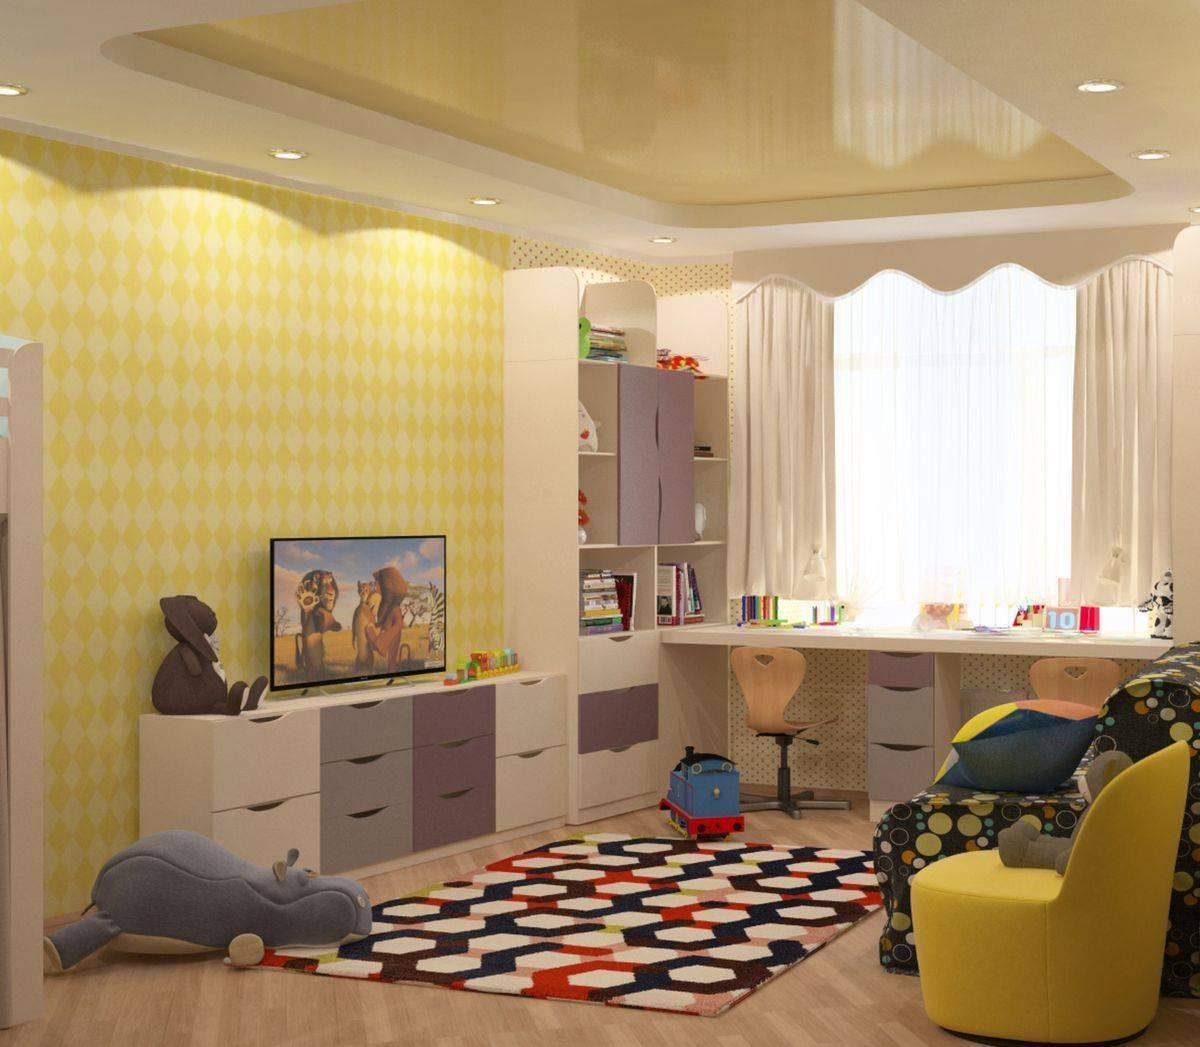 Детская комната 5 кв. м: 30 реальных фото и советы по дизайну